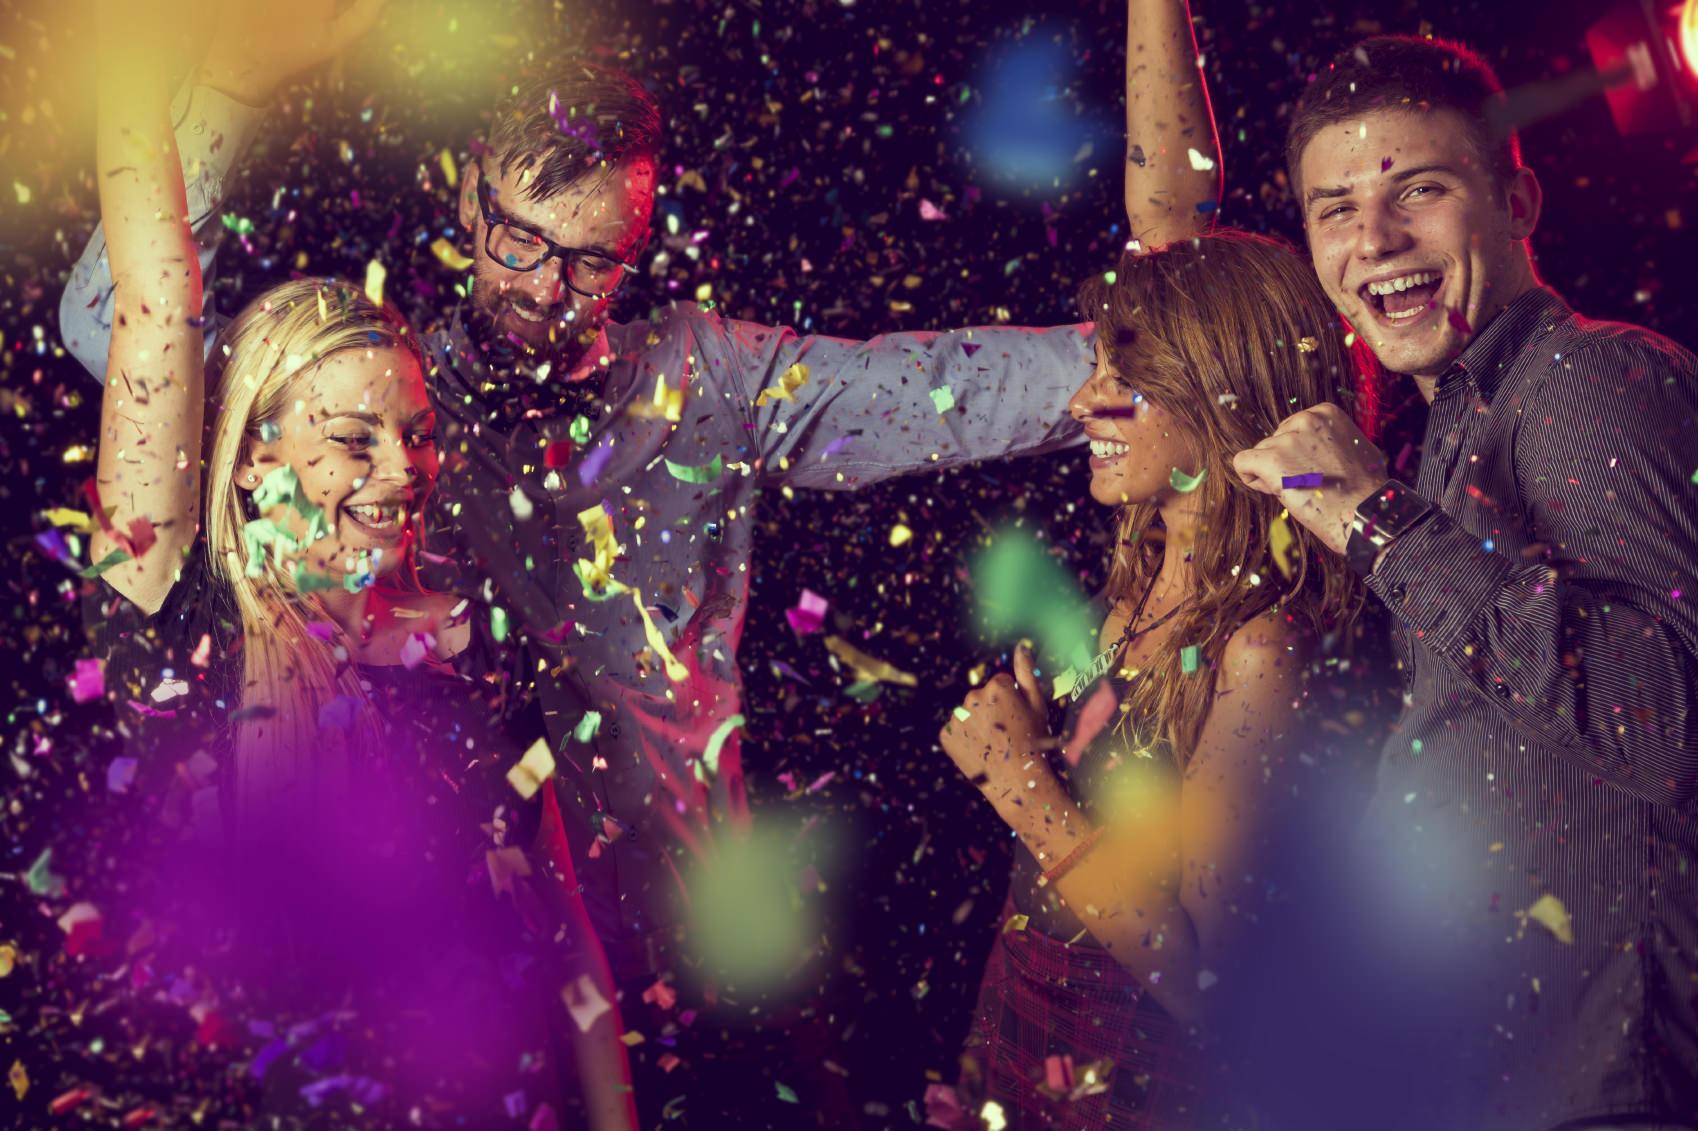 Come ottenere grandi scatti a feste di ogni fascia di età